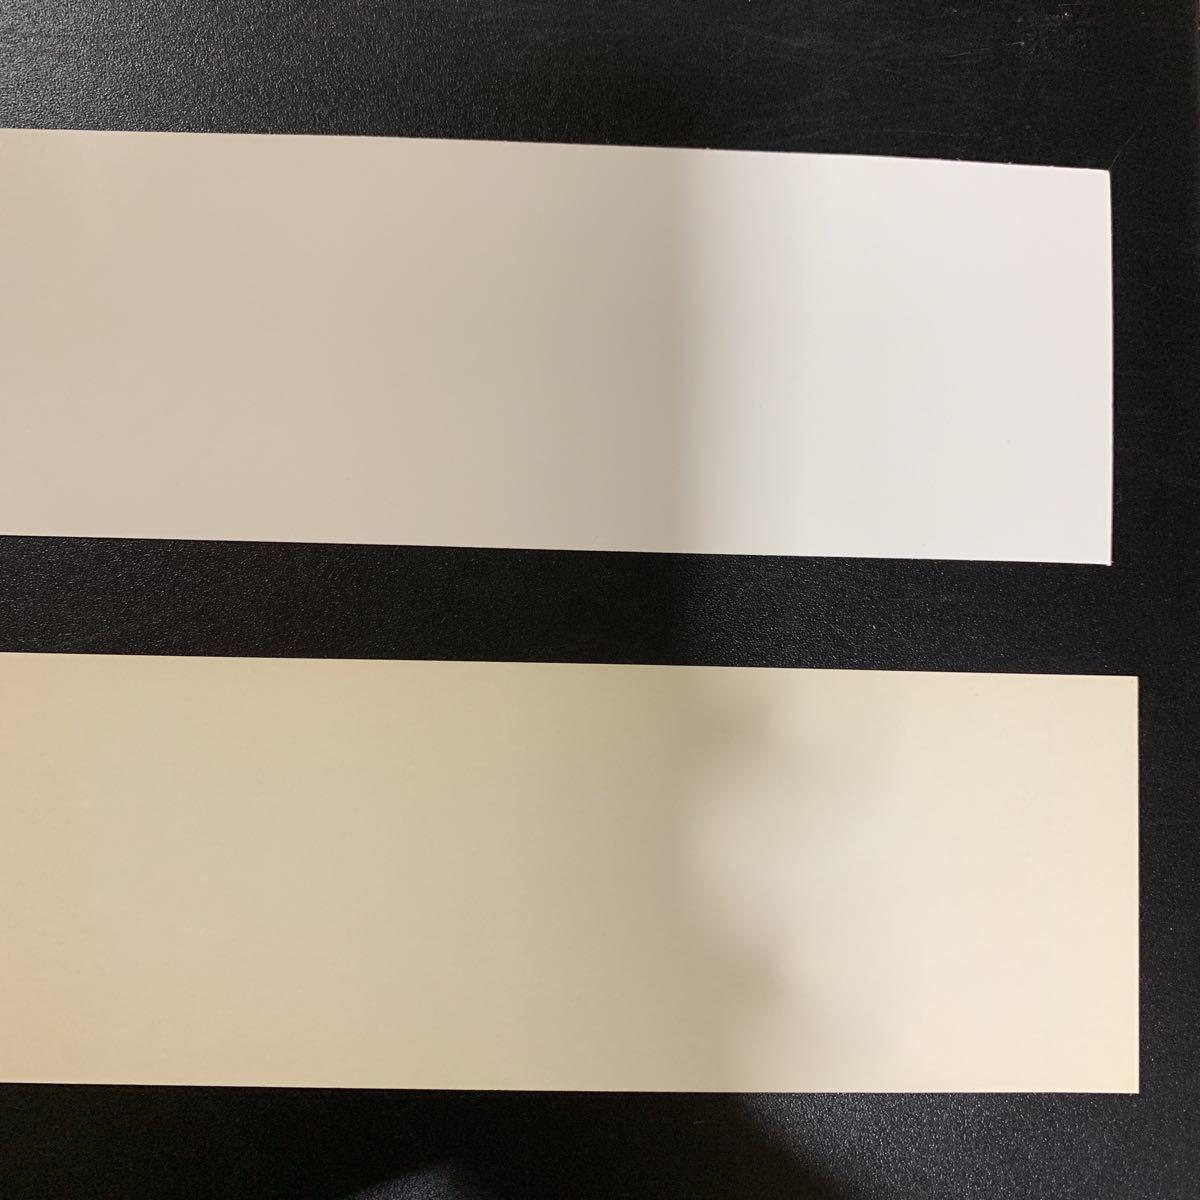 【正規品・新品未使用品】《送料370円》SUPREME 新旧 BOX Logo 2枚セットシュプリーム ボックスロゴ ステッカー _画像5